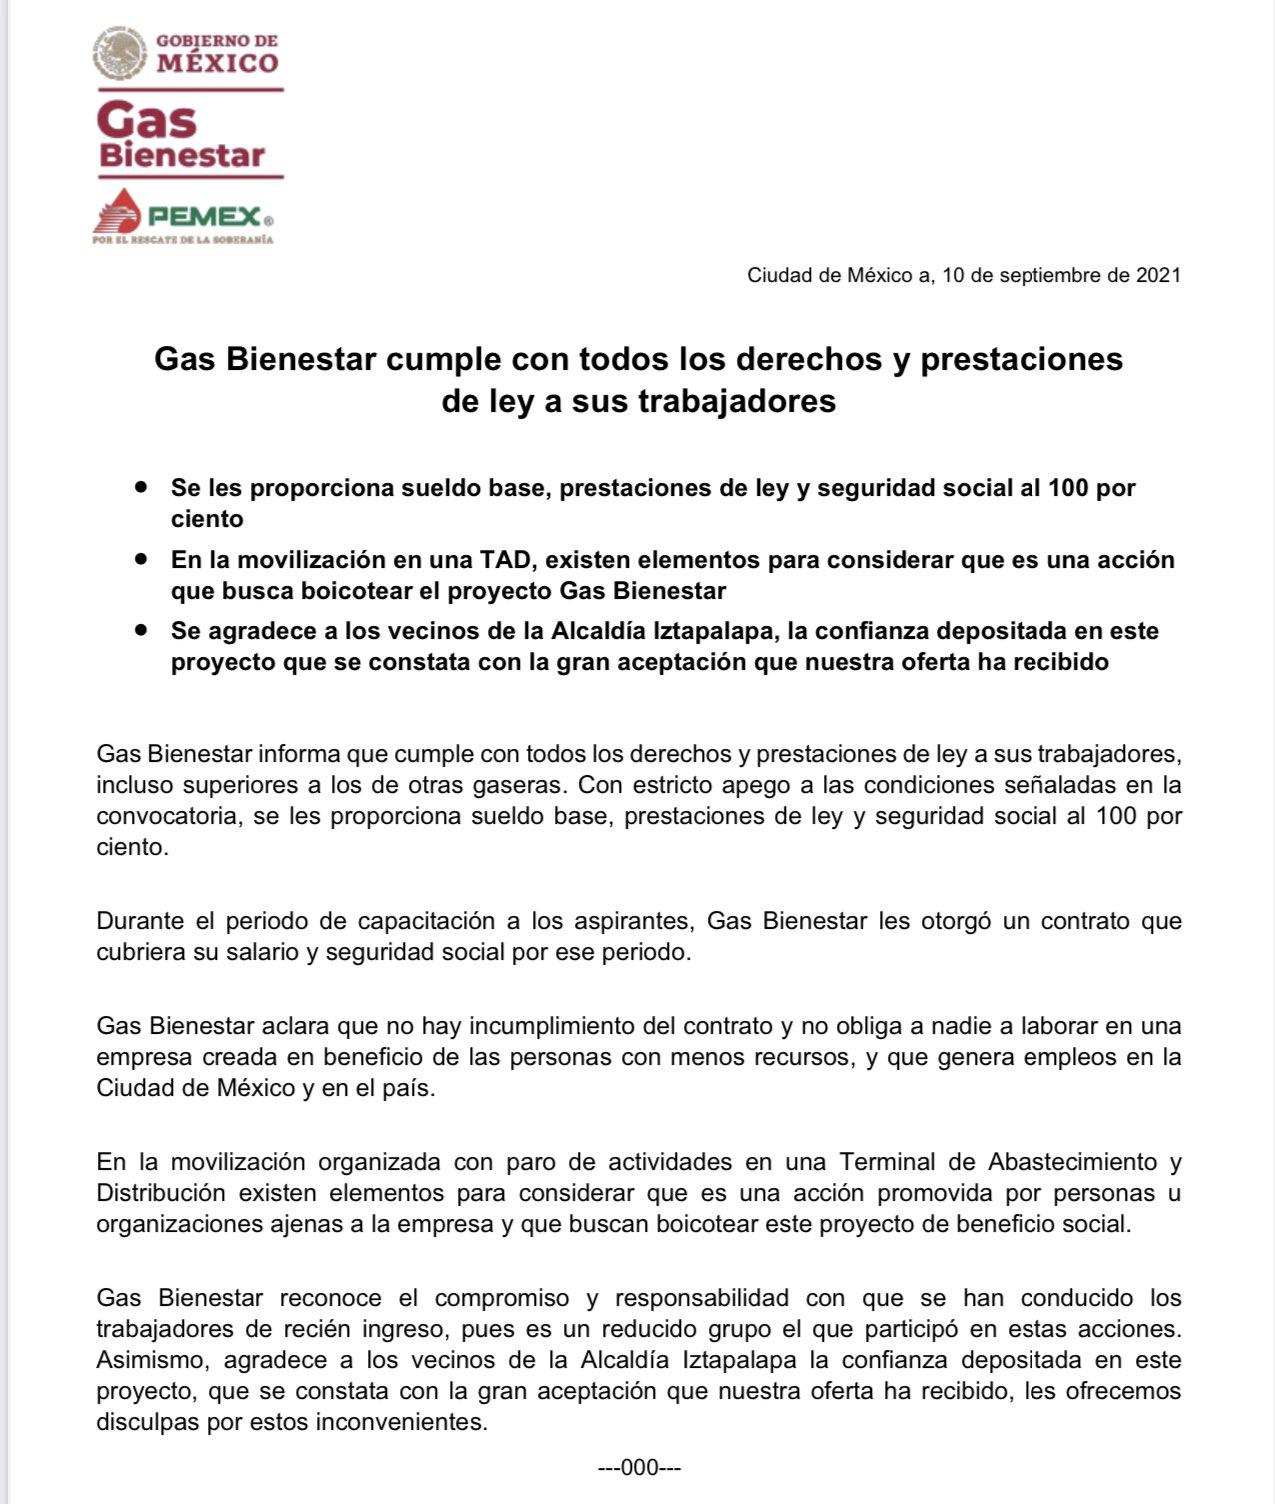 """Los trabajadores de """"Gas Bienestar"""" protestan por supuesto incumplimiento de contrato"""